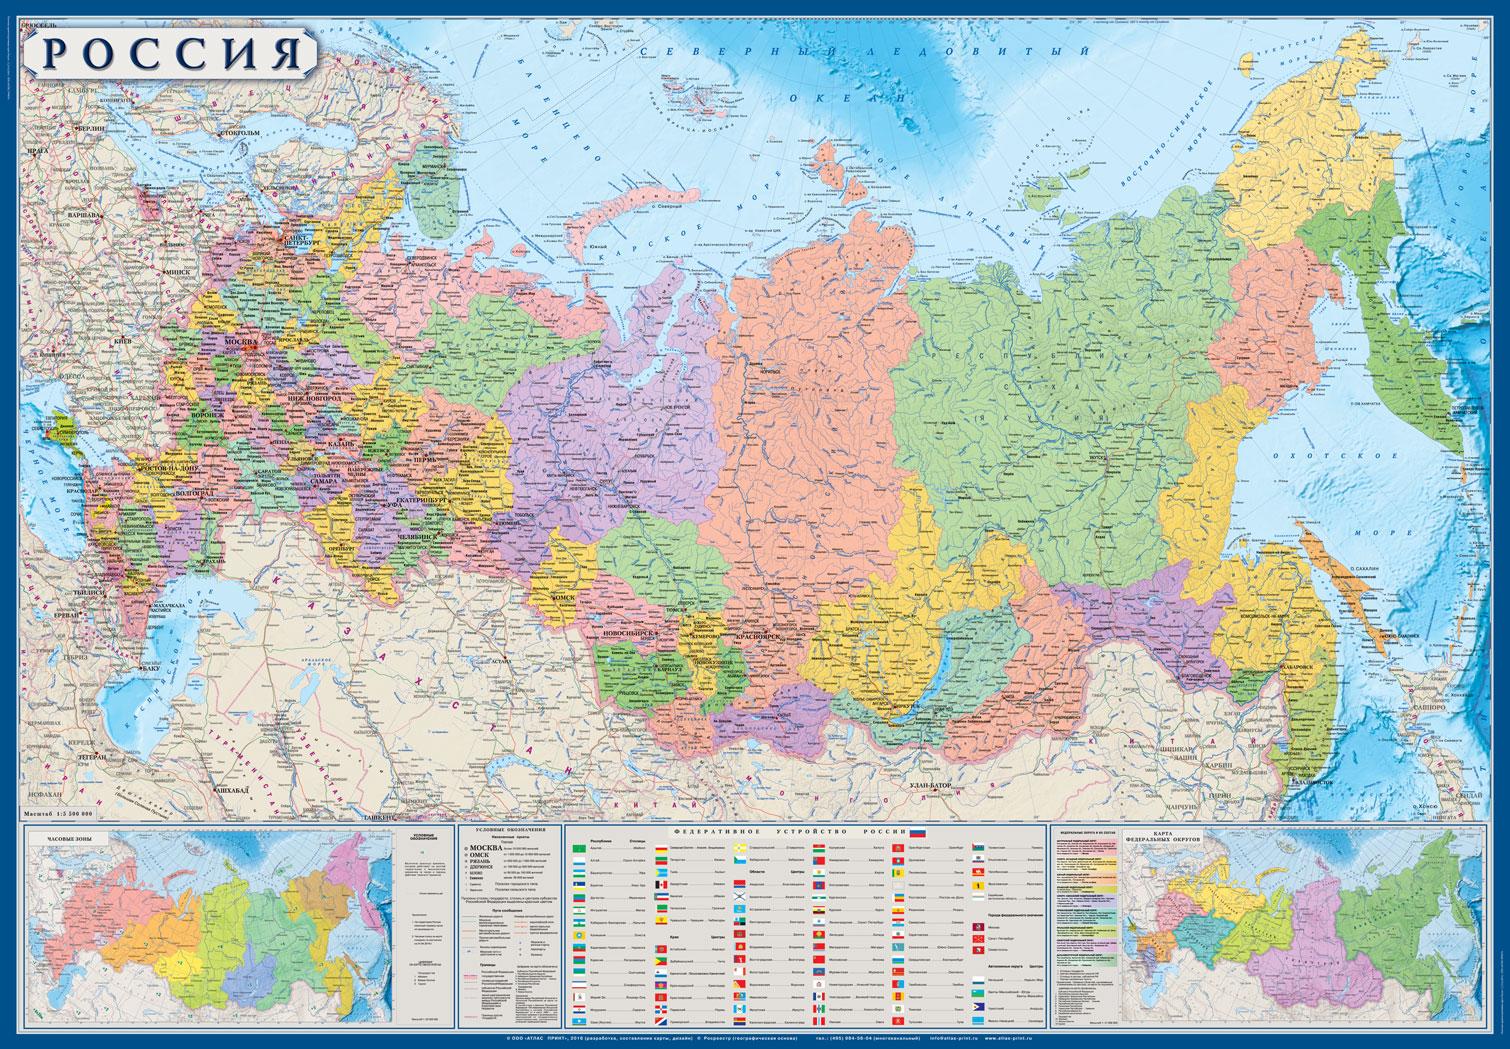 Настенная карта России политико-административная 1,57х1,07 м